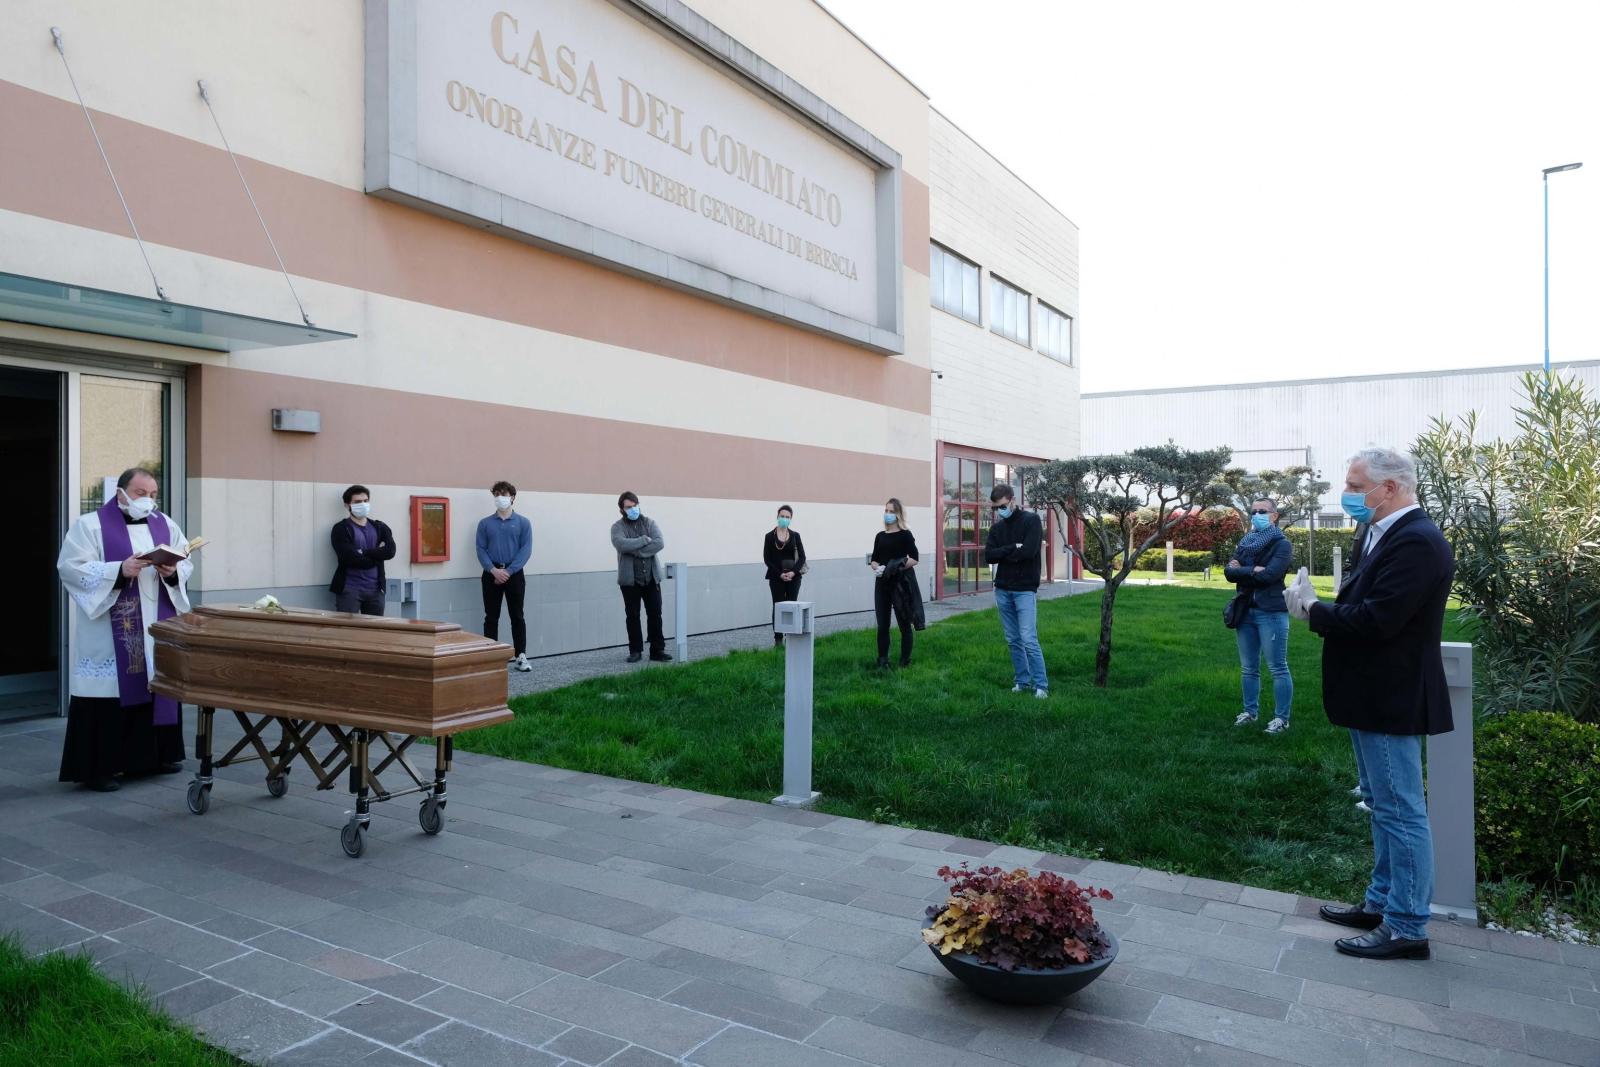 Pogrzeb ofiary koronawirusa we Włoszech. Fot. Andrea Bocelli